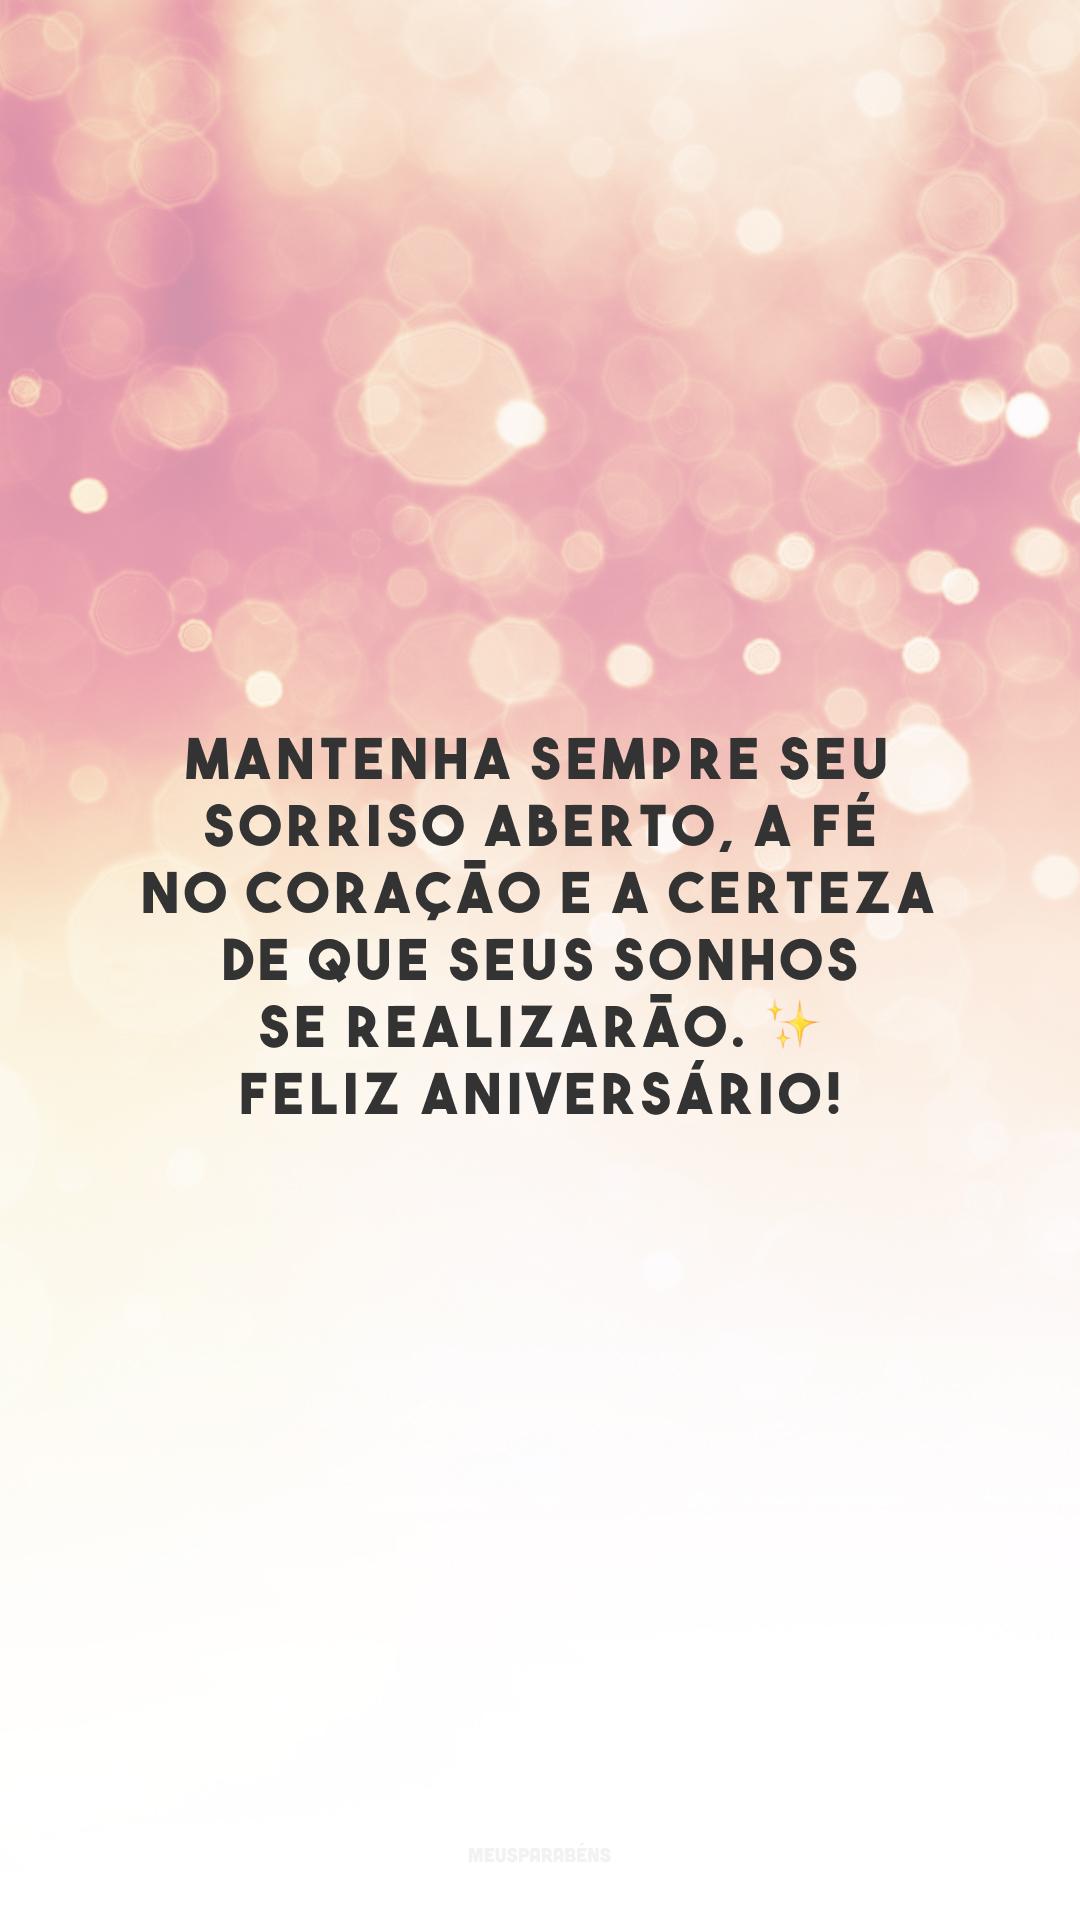 Mantenha sempre seu sorriso aberto, a fé no coração e a certeza de que seus sonhos se realizarão. Feliz aniversário!